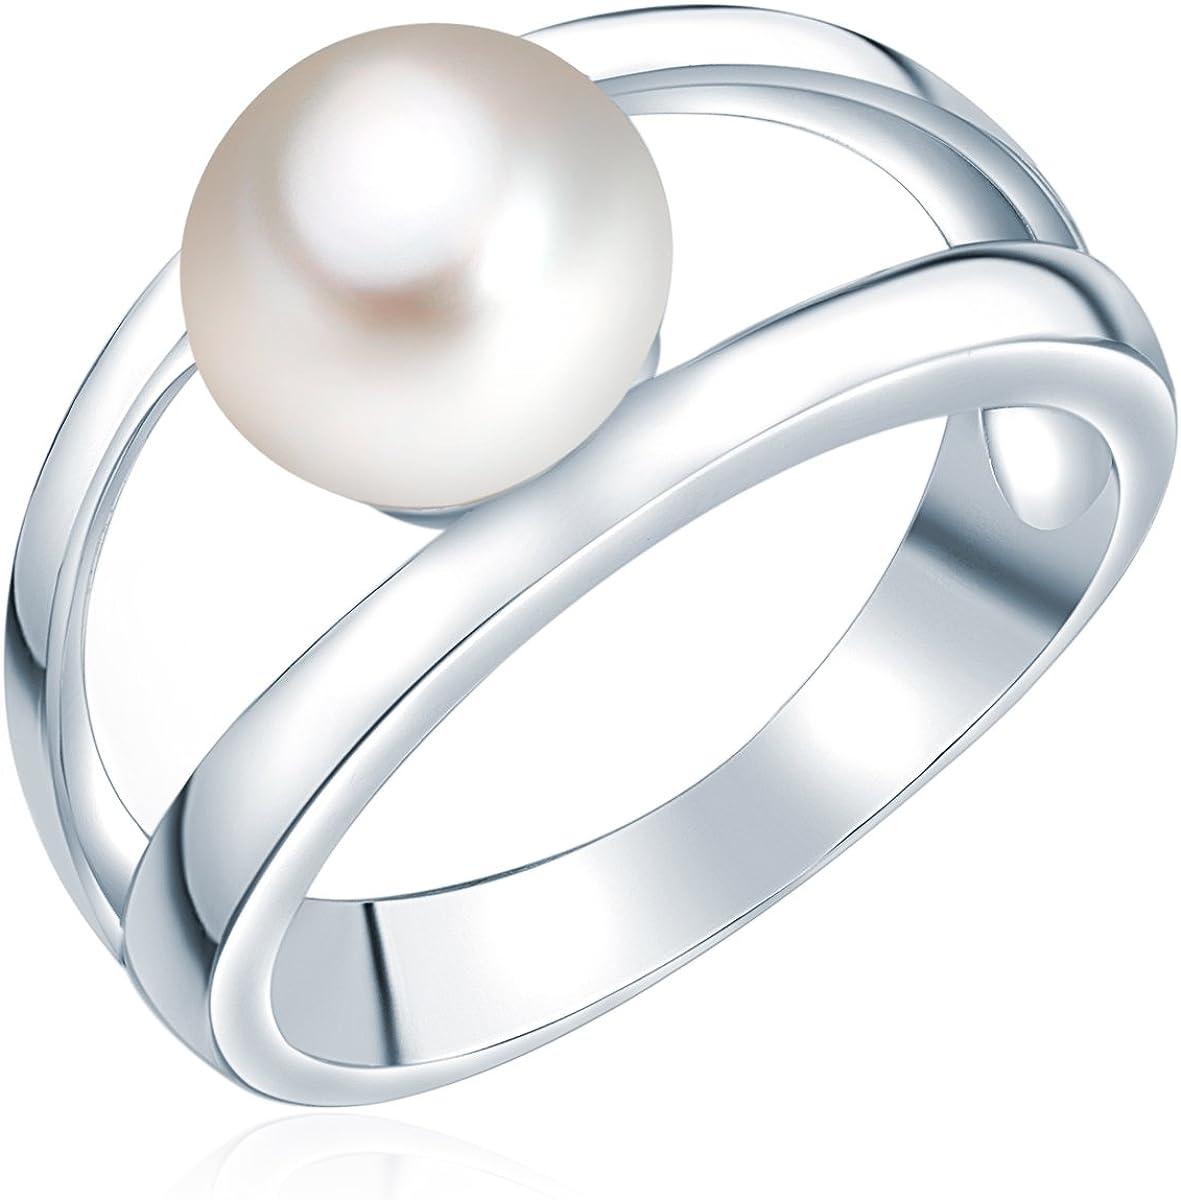 Valero Pearls Plata de ley 925 Perlas de agua dulce de cultivo Anillo de perlas: Valero Pearls: Amazon.es: Joyería